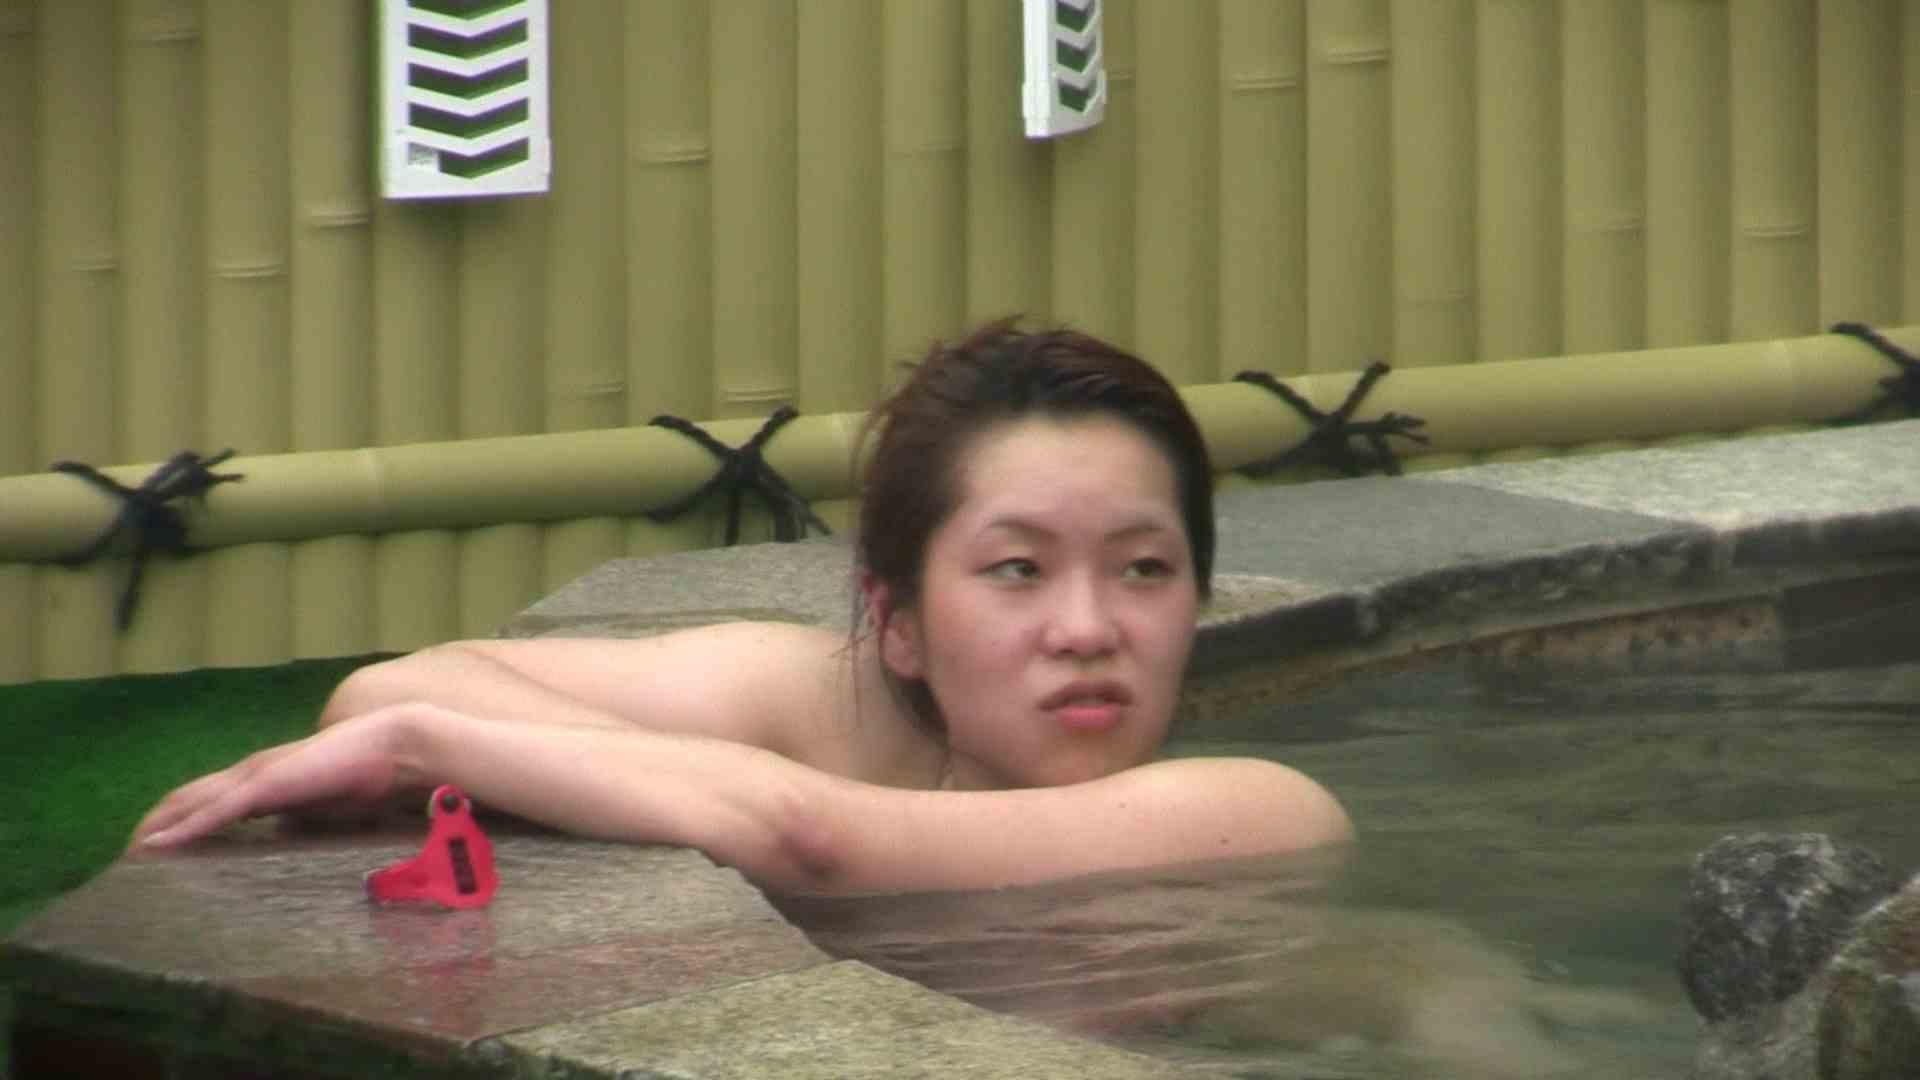 Aquaな露天風呂Vol.680 OLのエロ生活  98連発 69